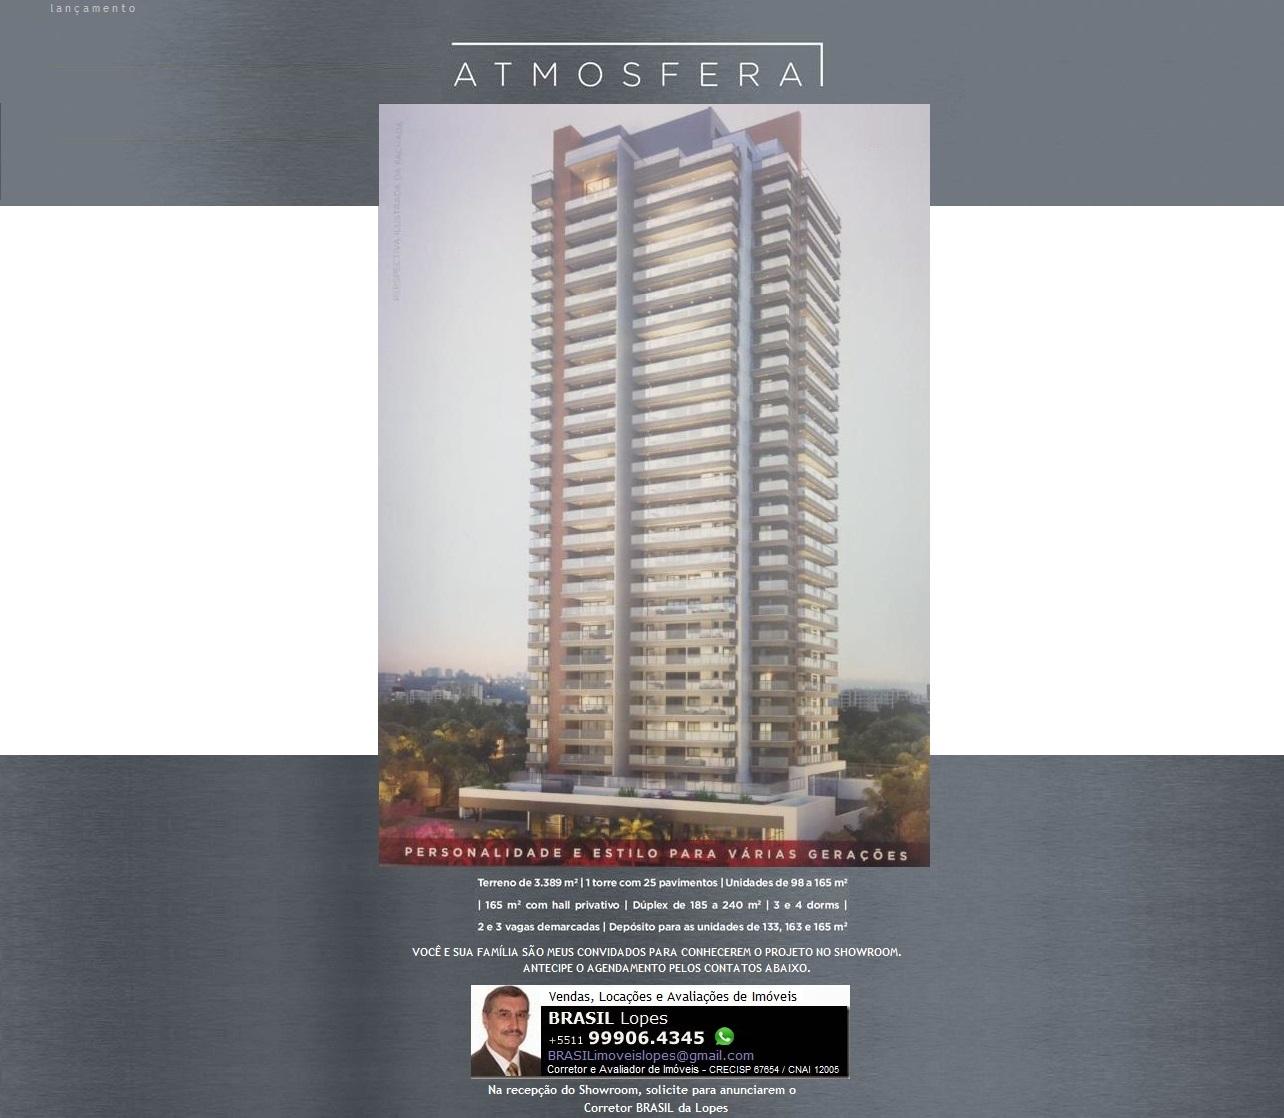 ATMOSFERA Bosque da Saúde - Apartamentos de 98 a 165m² com padrão Cyrela.